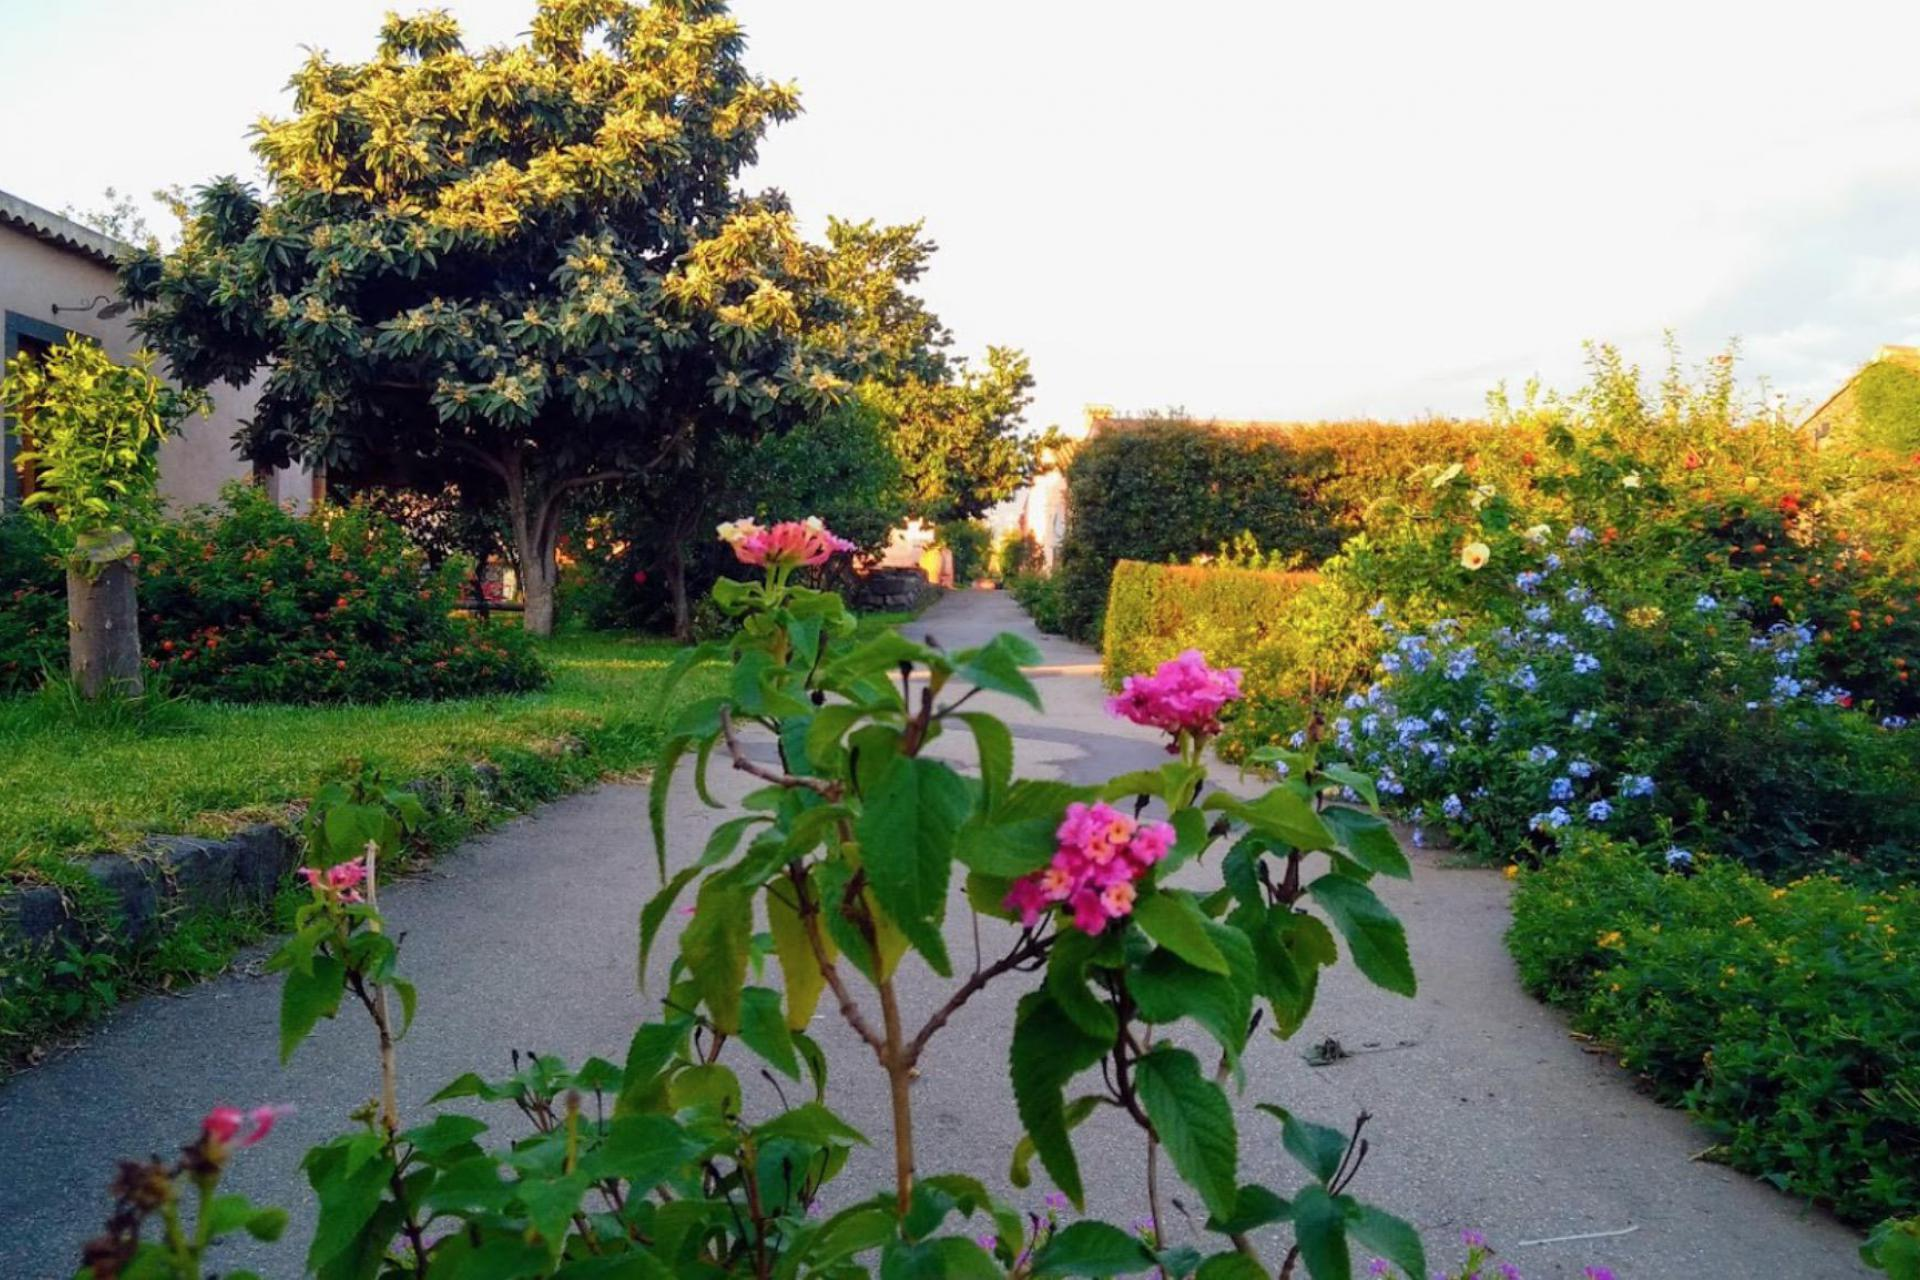 Agriturismo Sizilien Agriturismo Sizilien, inmitten von Zitrusbäumen gelegen